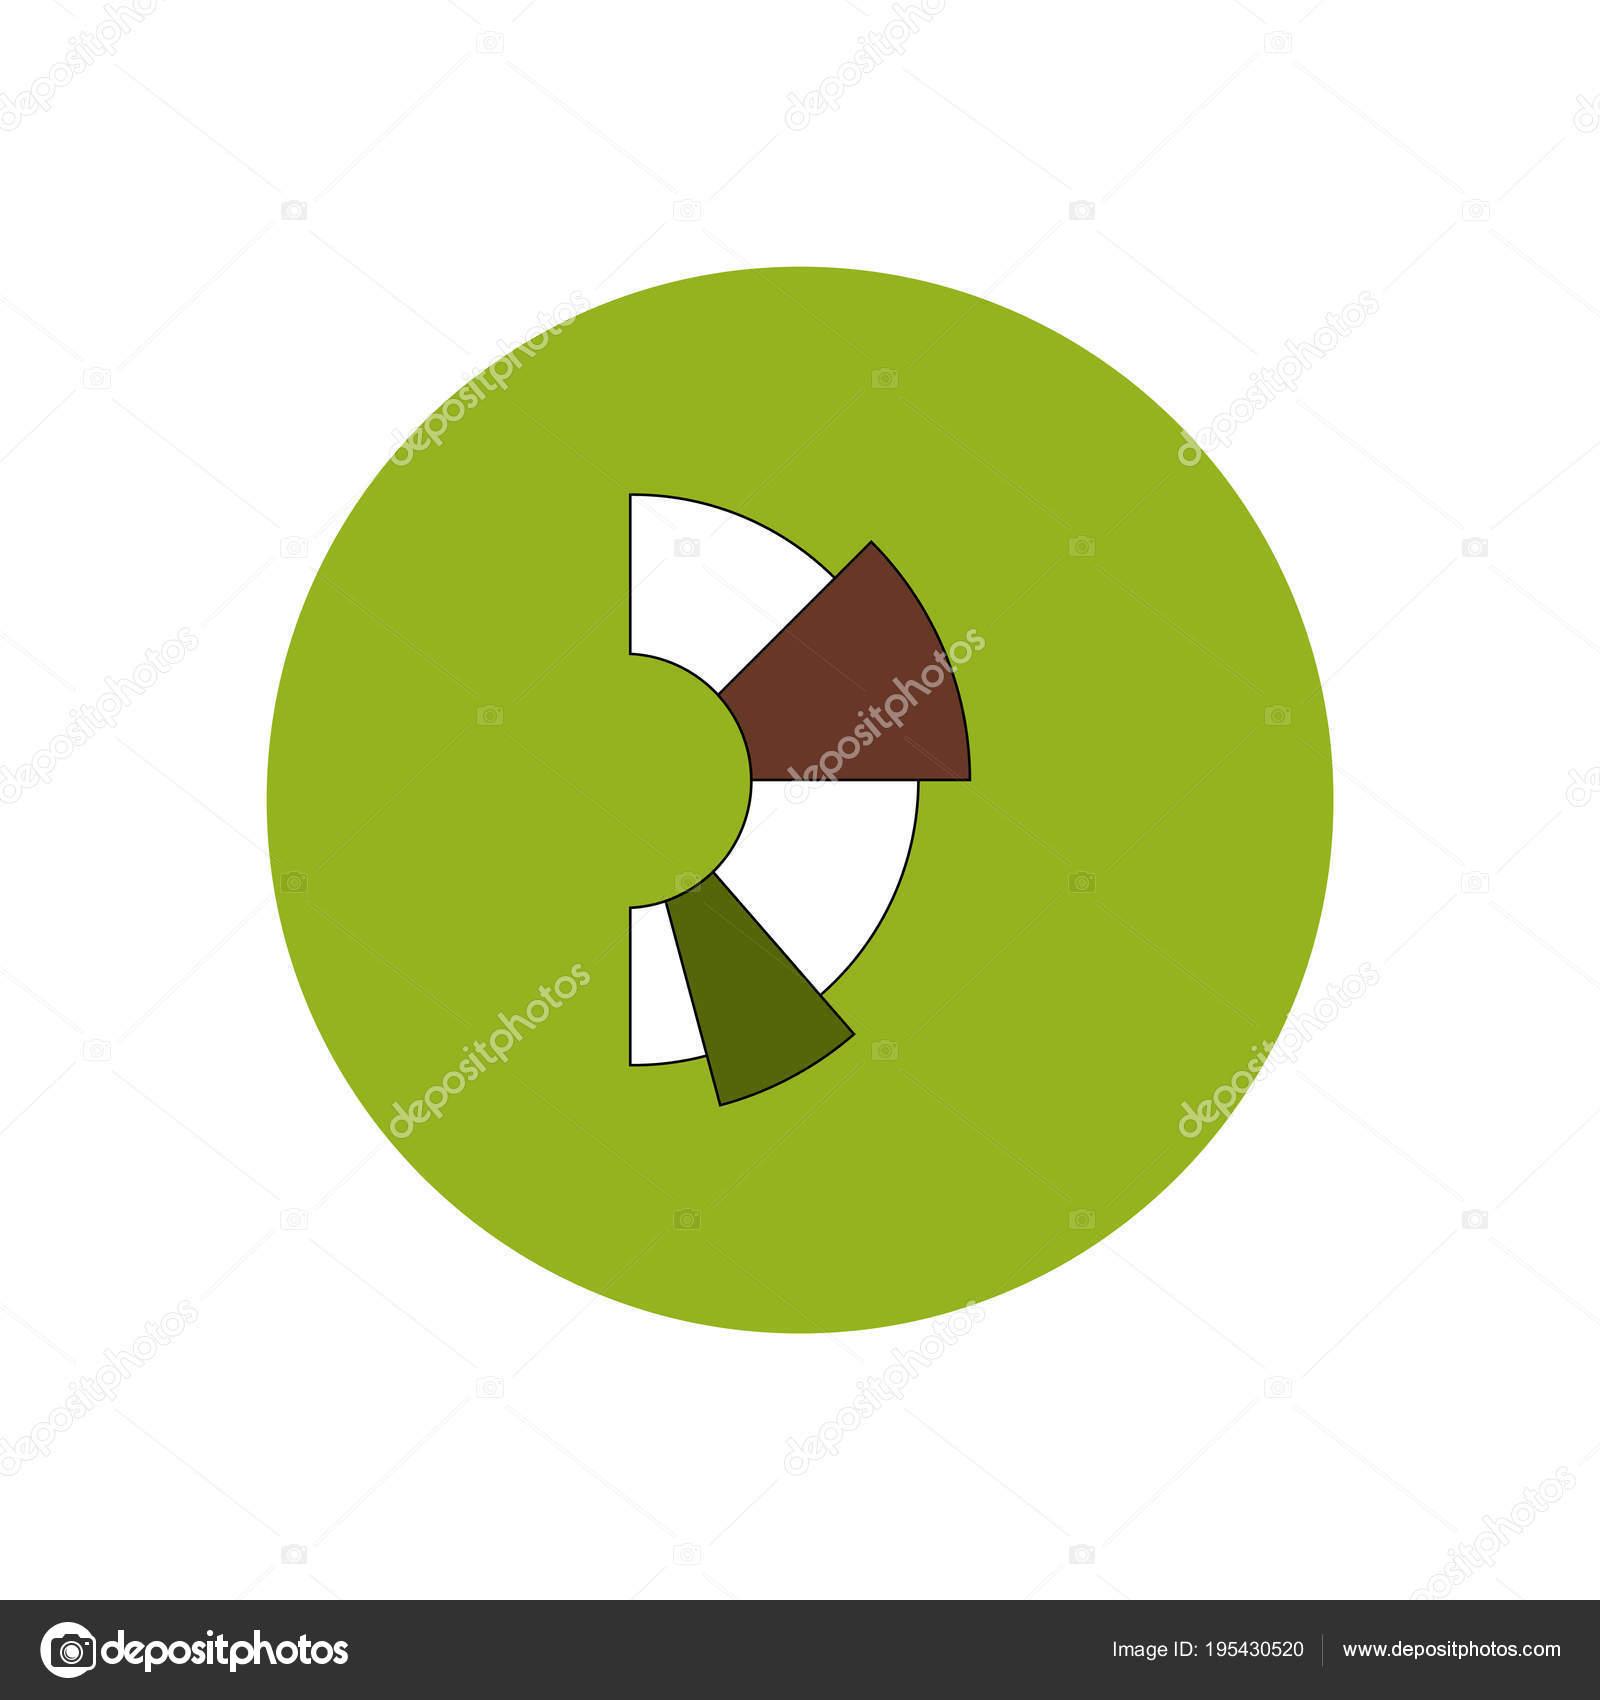 Business Half Pie Chart Stock Vector Pashutanast9 195430520